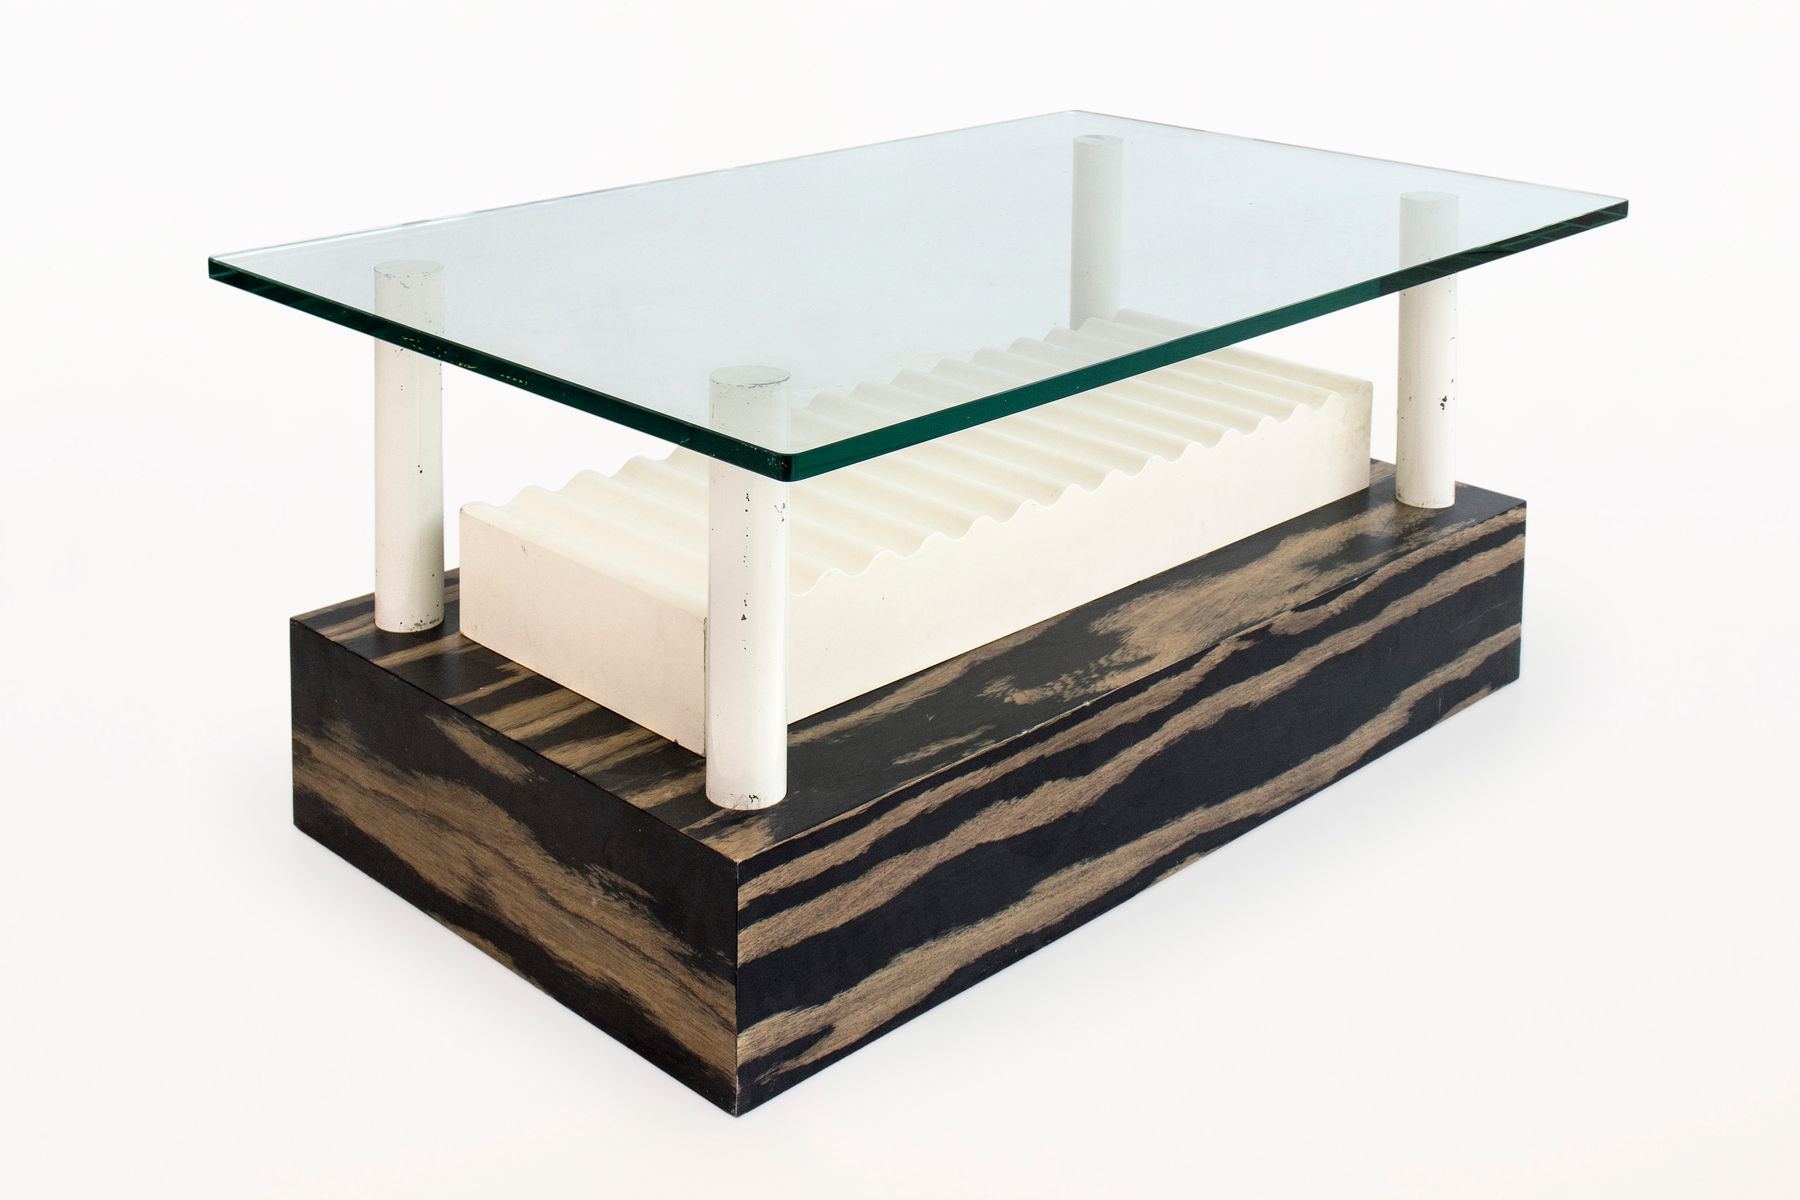 italienischer vintage memphis milano couchtisch von ettore sottsass f r alessi 1980er bei. Black Bedroom Furniture Sets. Home Design Ideas